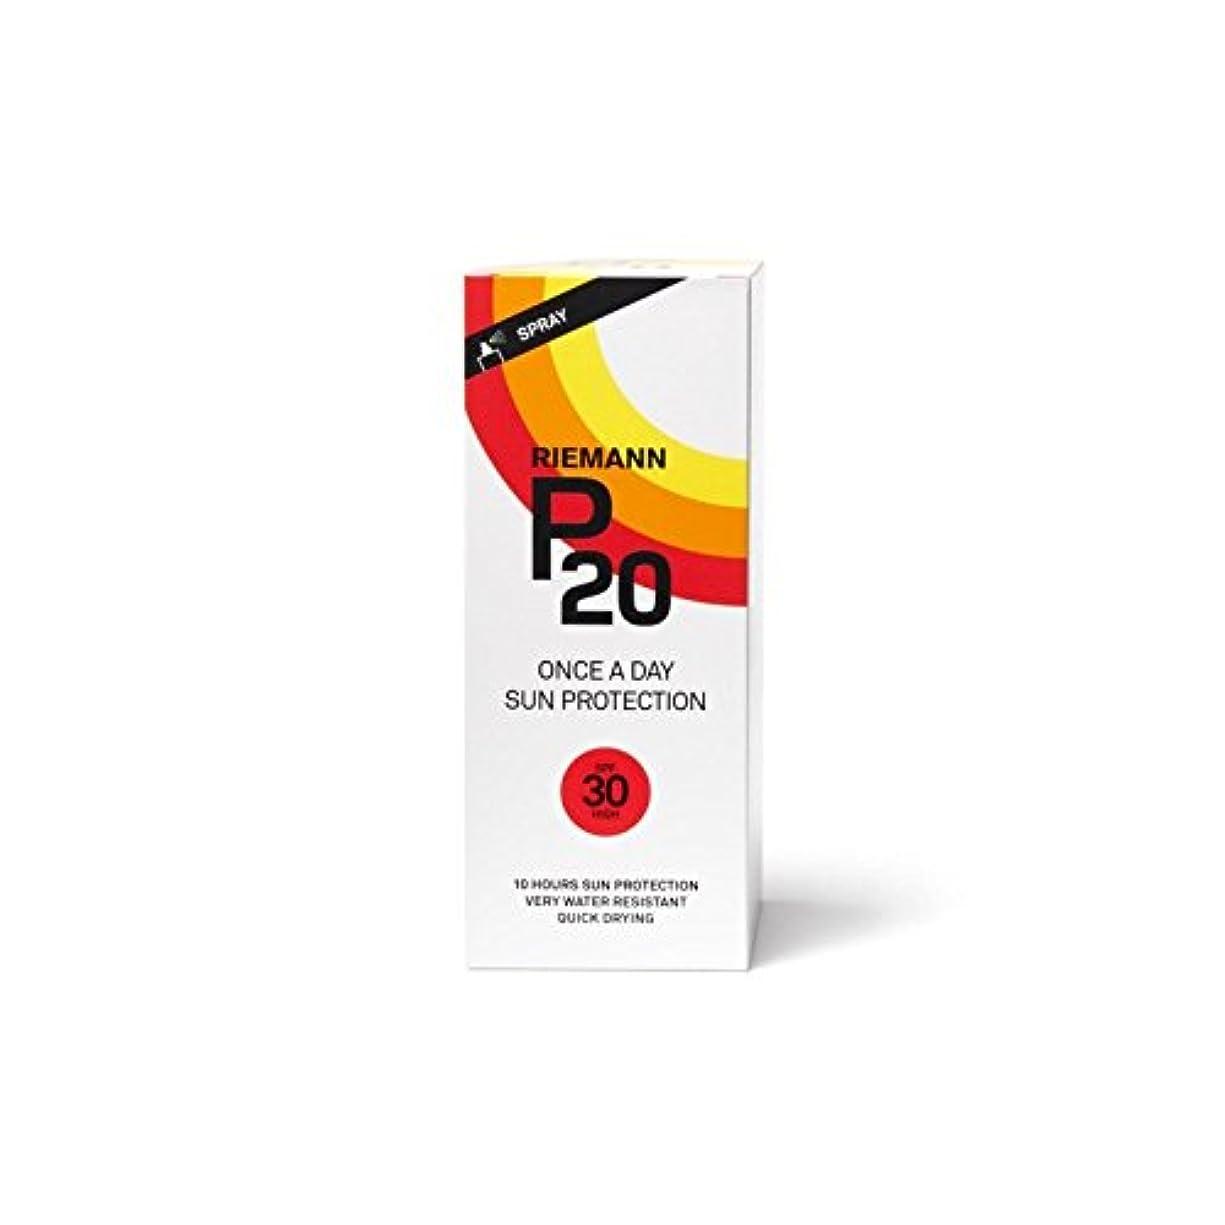 旅客故国光沢のあるRiemann P20 Sun Filter 200ml SPF30 - リーマン20のサンフィルター200ミリリットル30 [並行輸入品]